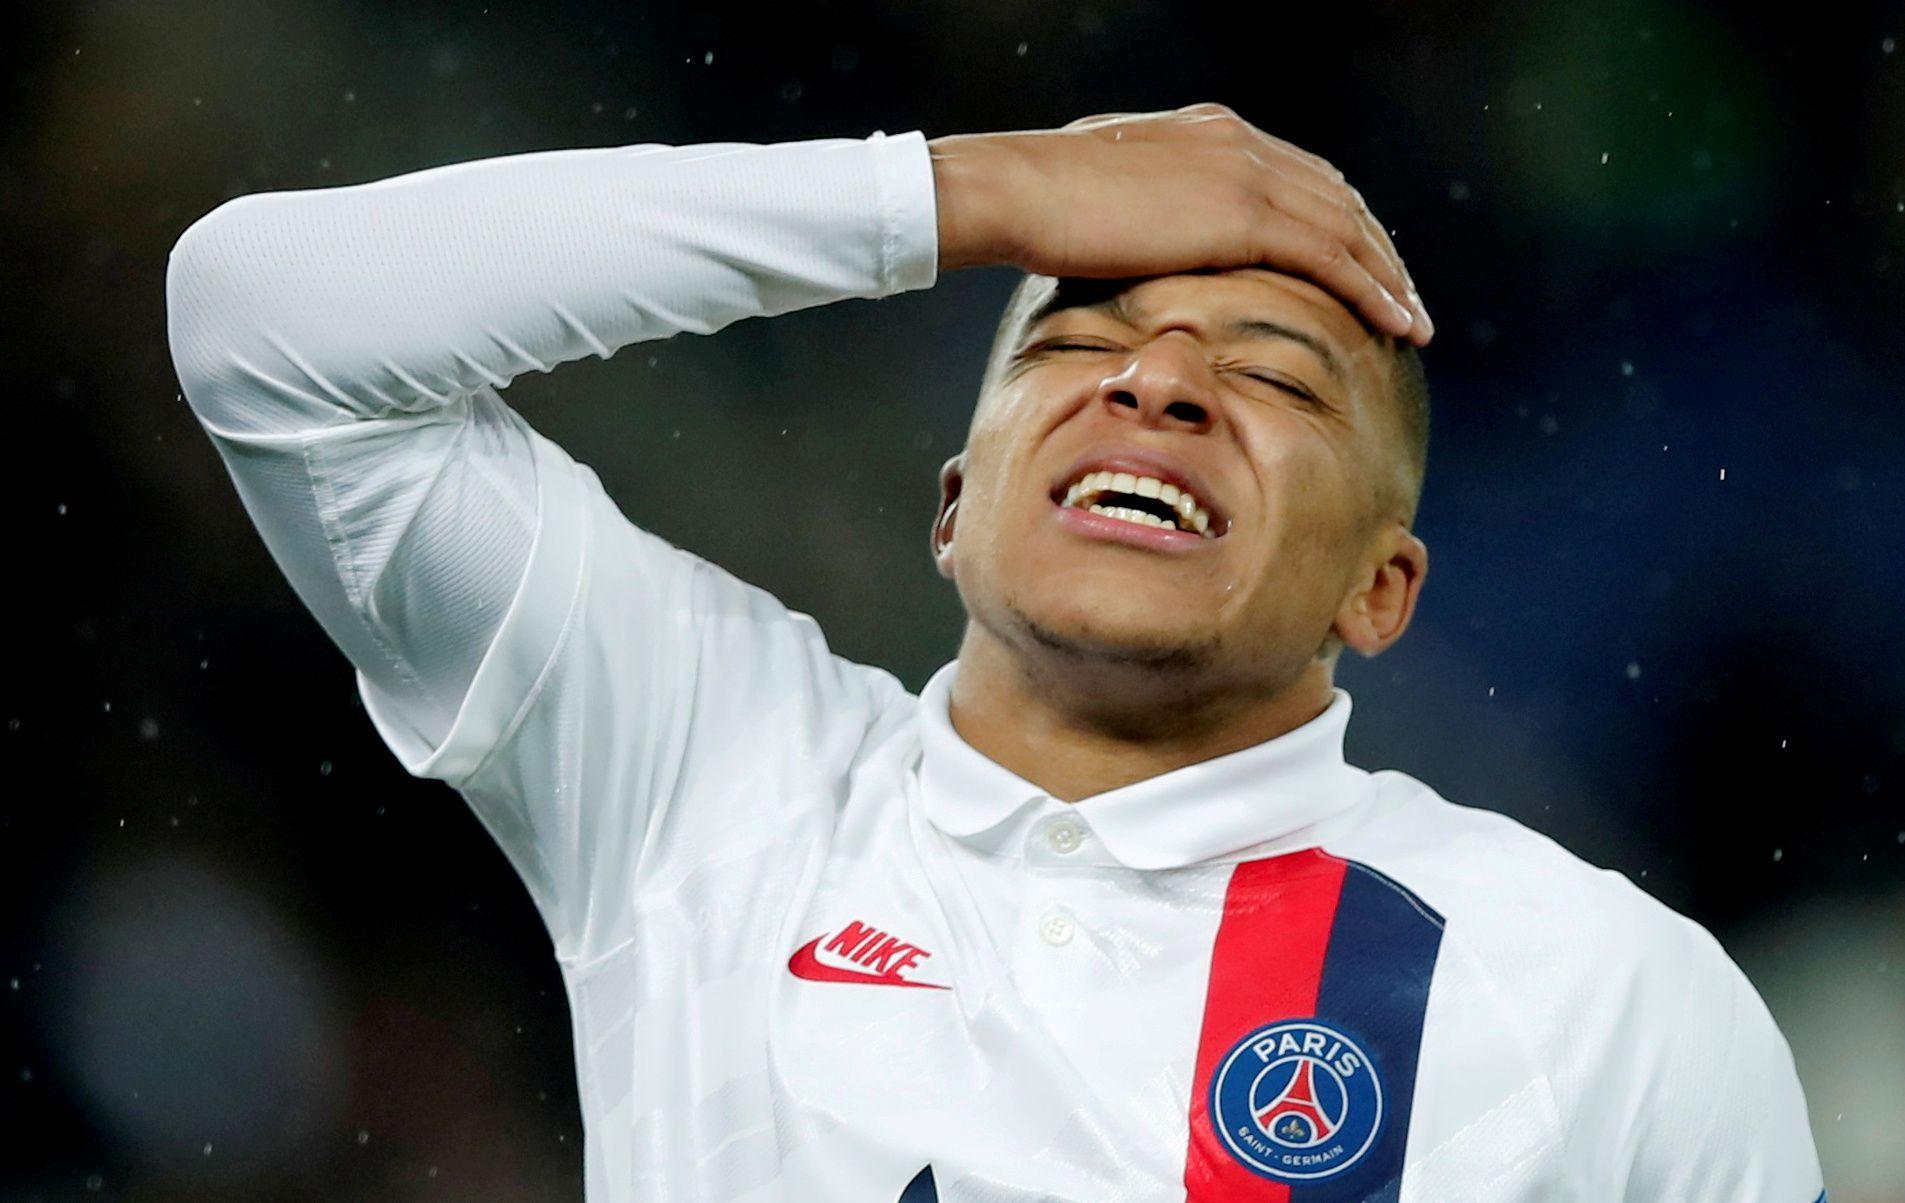 El atacante francés trepó hasta la cuarta colocación de la nómina, con apenas 21 años (REUTERS/Benoit Tessier/File Photo)